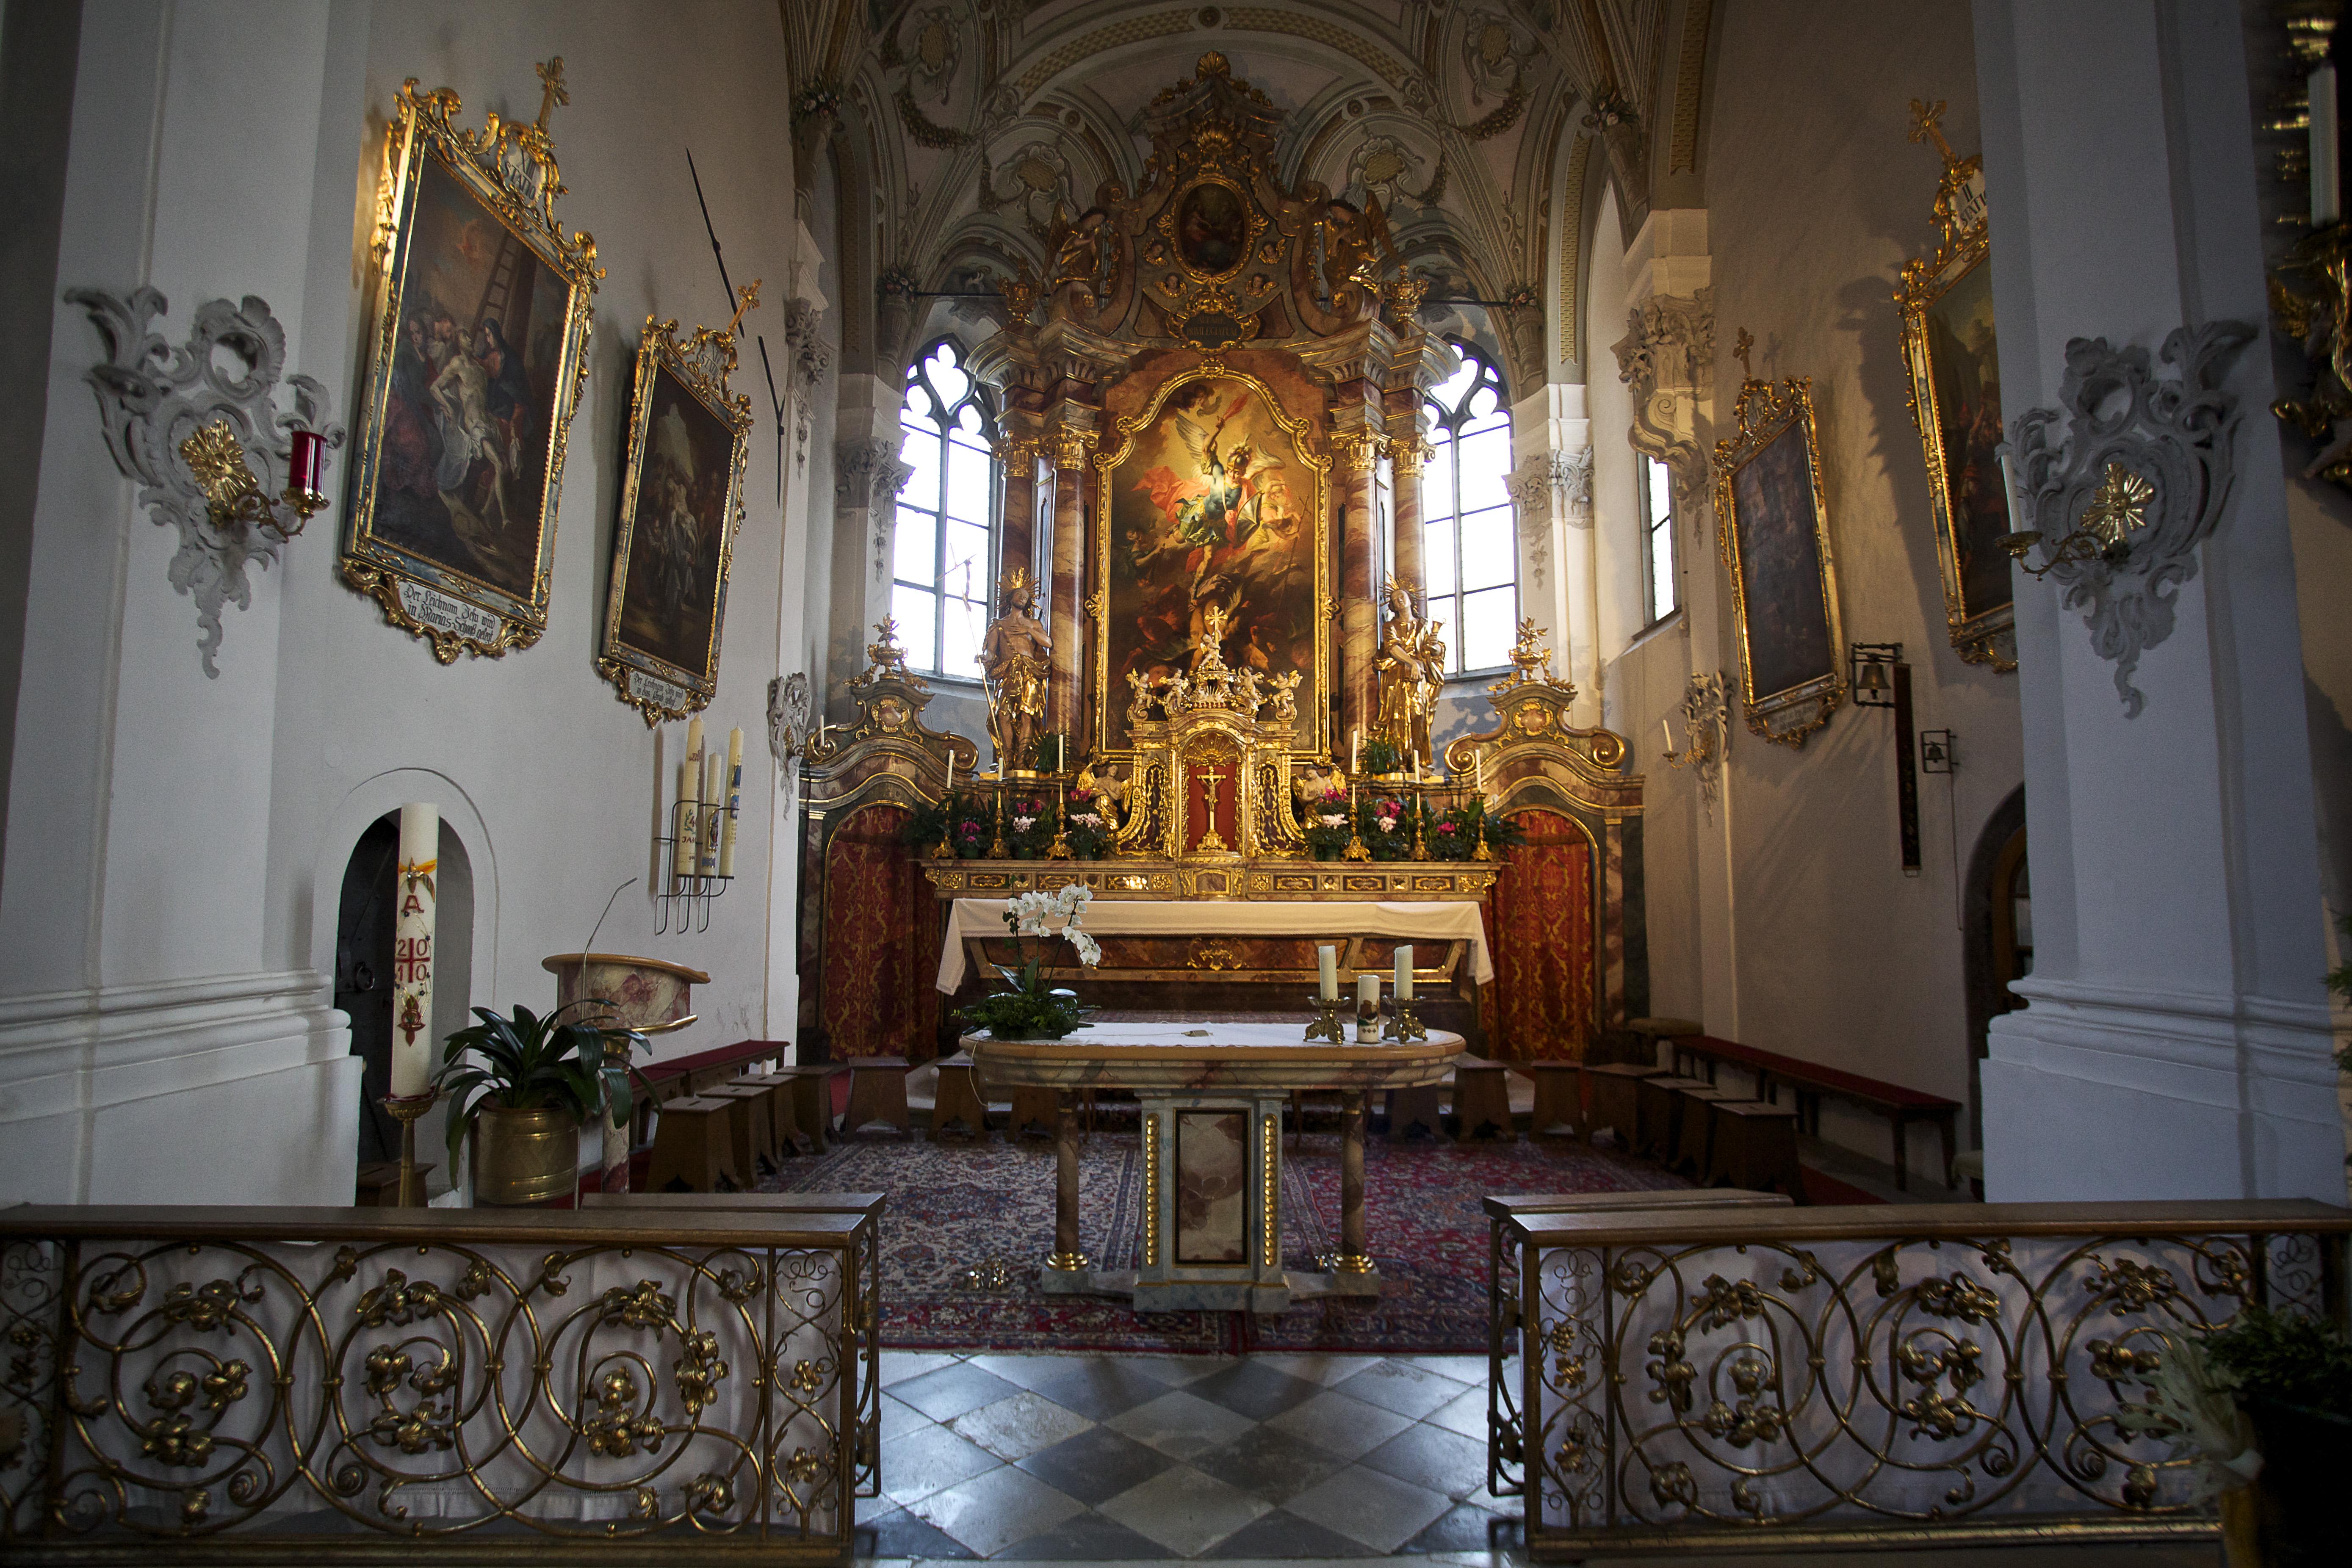 Marienbasilika Altar